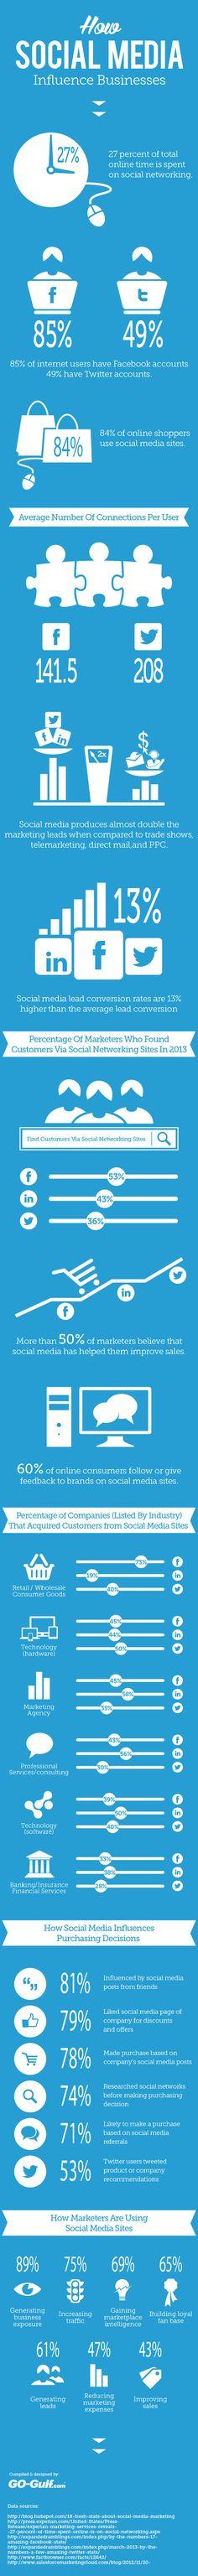 ¿Cómo influyen las redes sociales en los negocios?